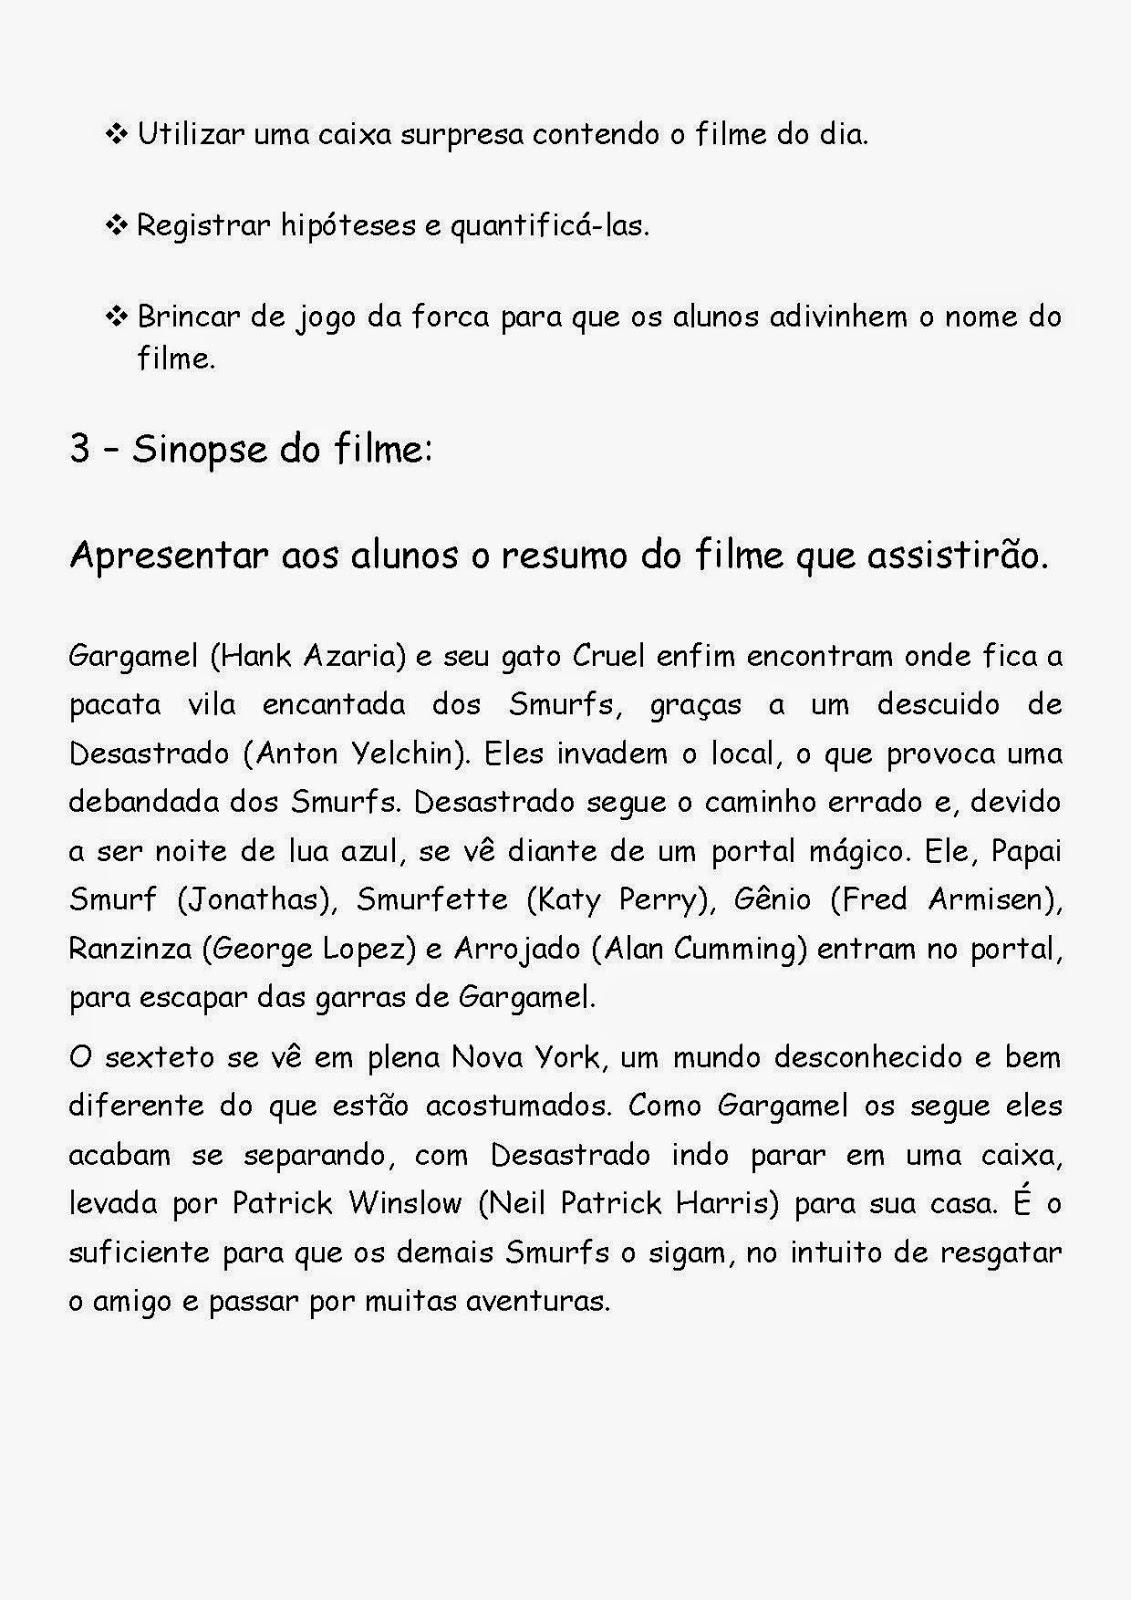 Educando Com Simplicidade Atividade Sobre O Filme Os Smurfs